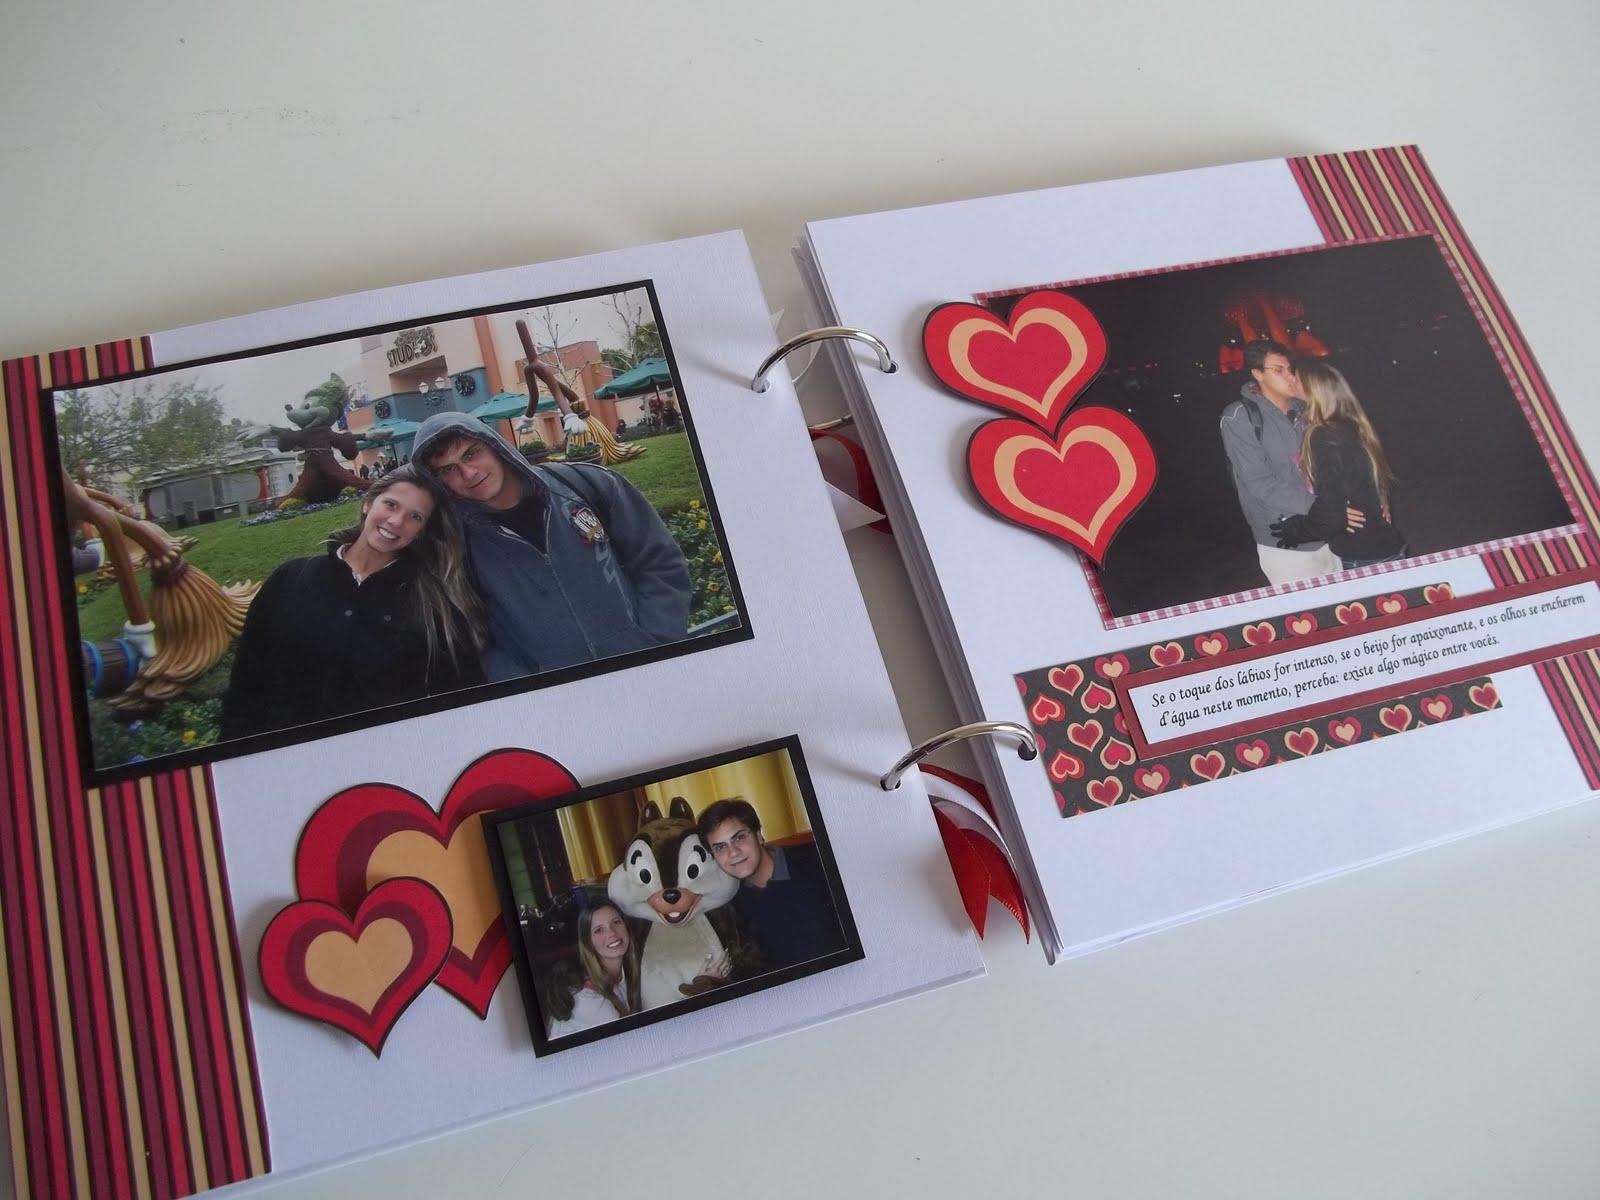 Bruna cheles lbum personalizado namorados - Album de fotos personalizado ...